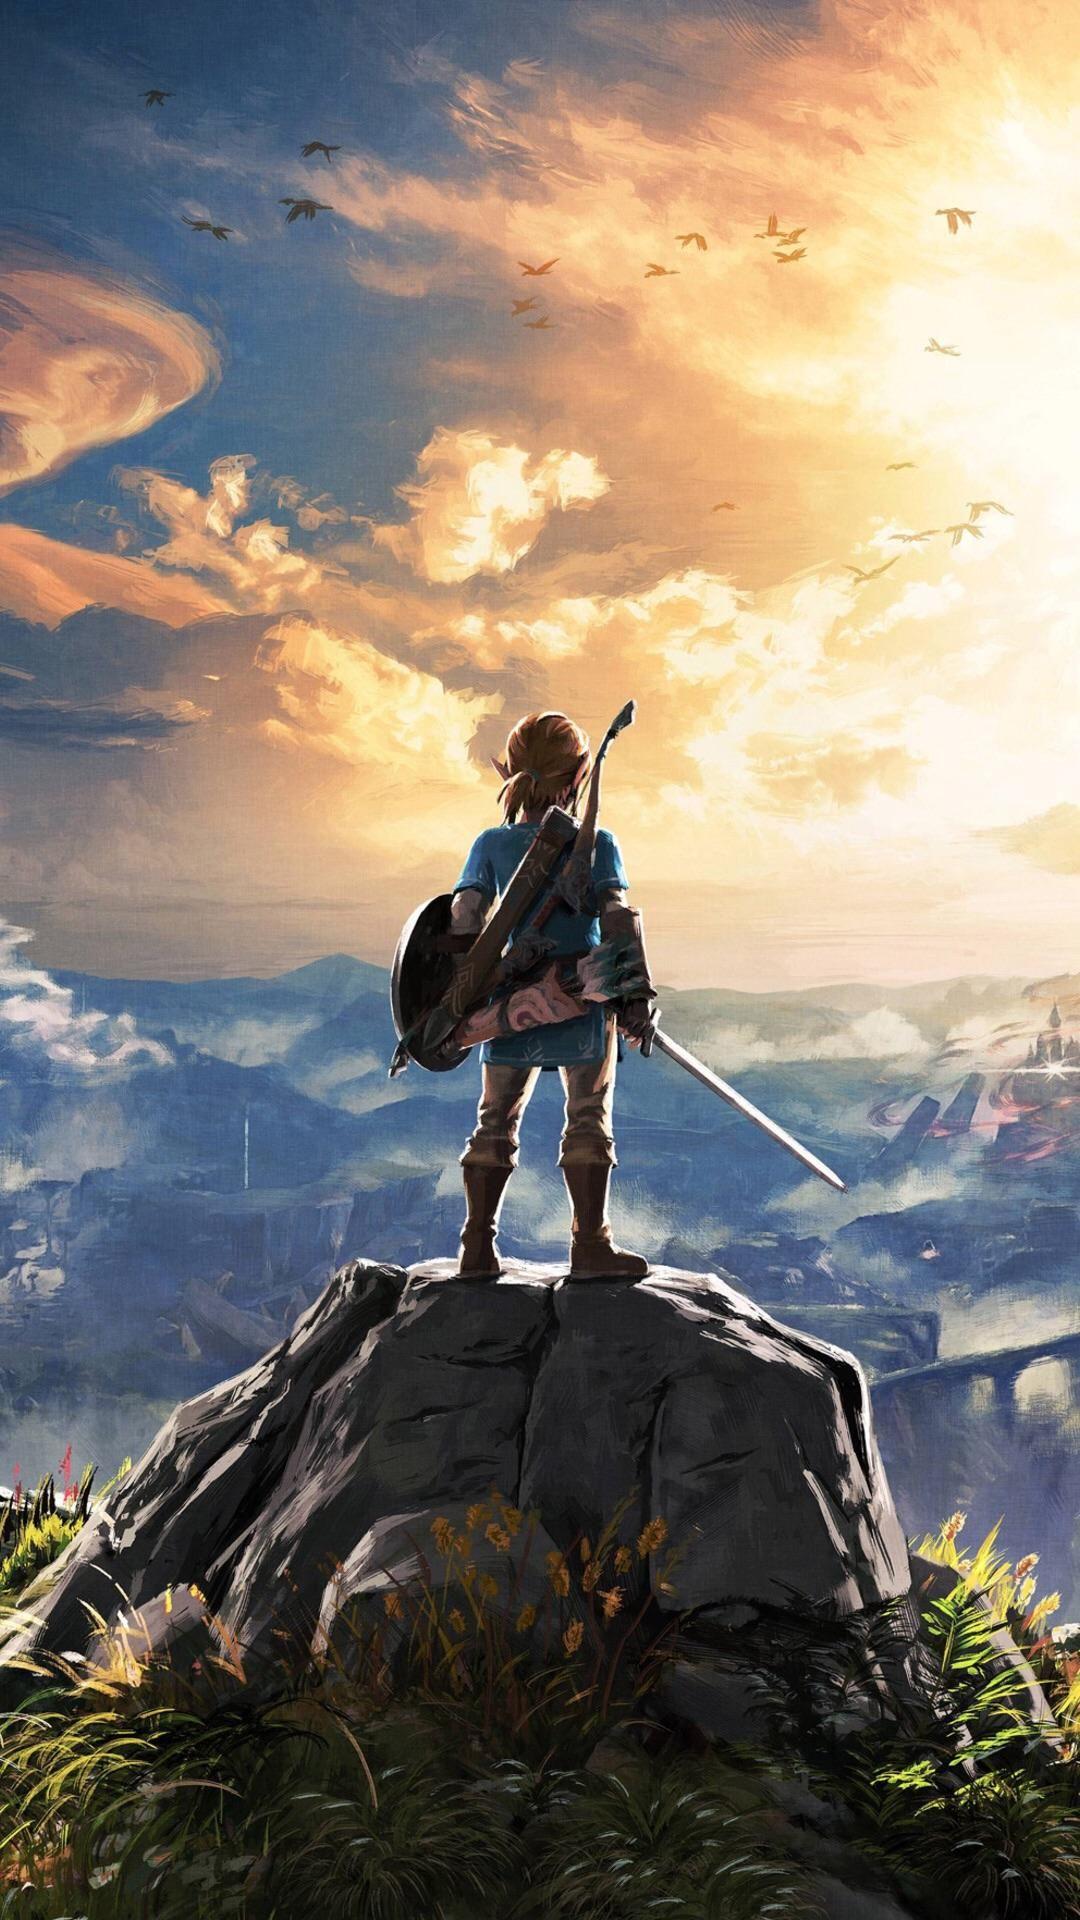 Zelda iphone wallpaper tumblr - The Legend Of Zelda Breath Of The Wild Wallpapers Birchtree